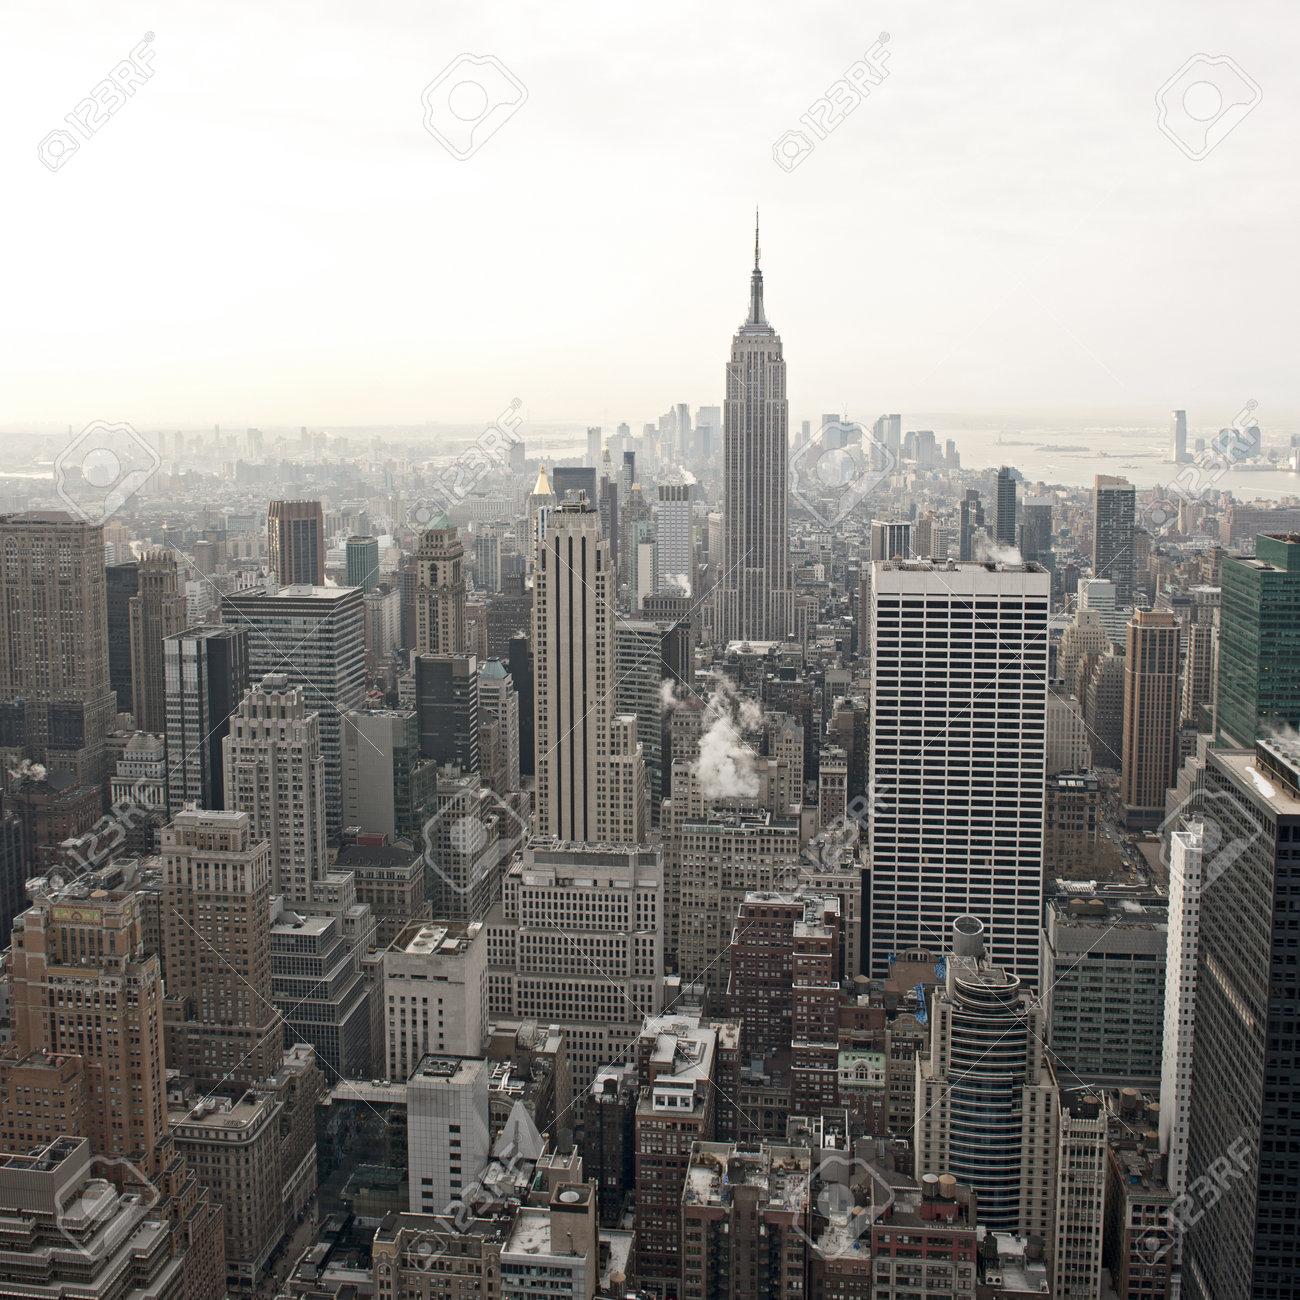 New York City Skyline View From Rockefeller Center New York